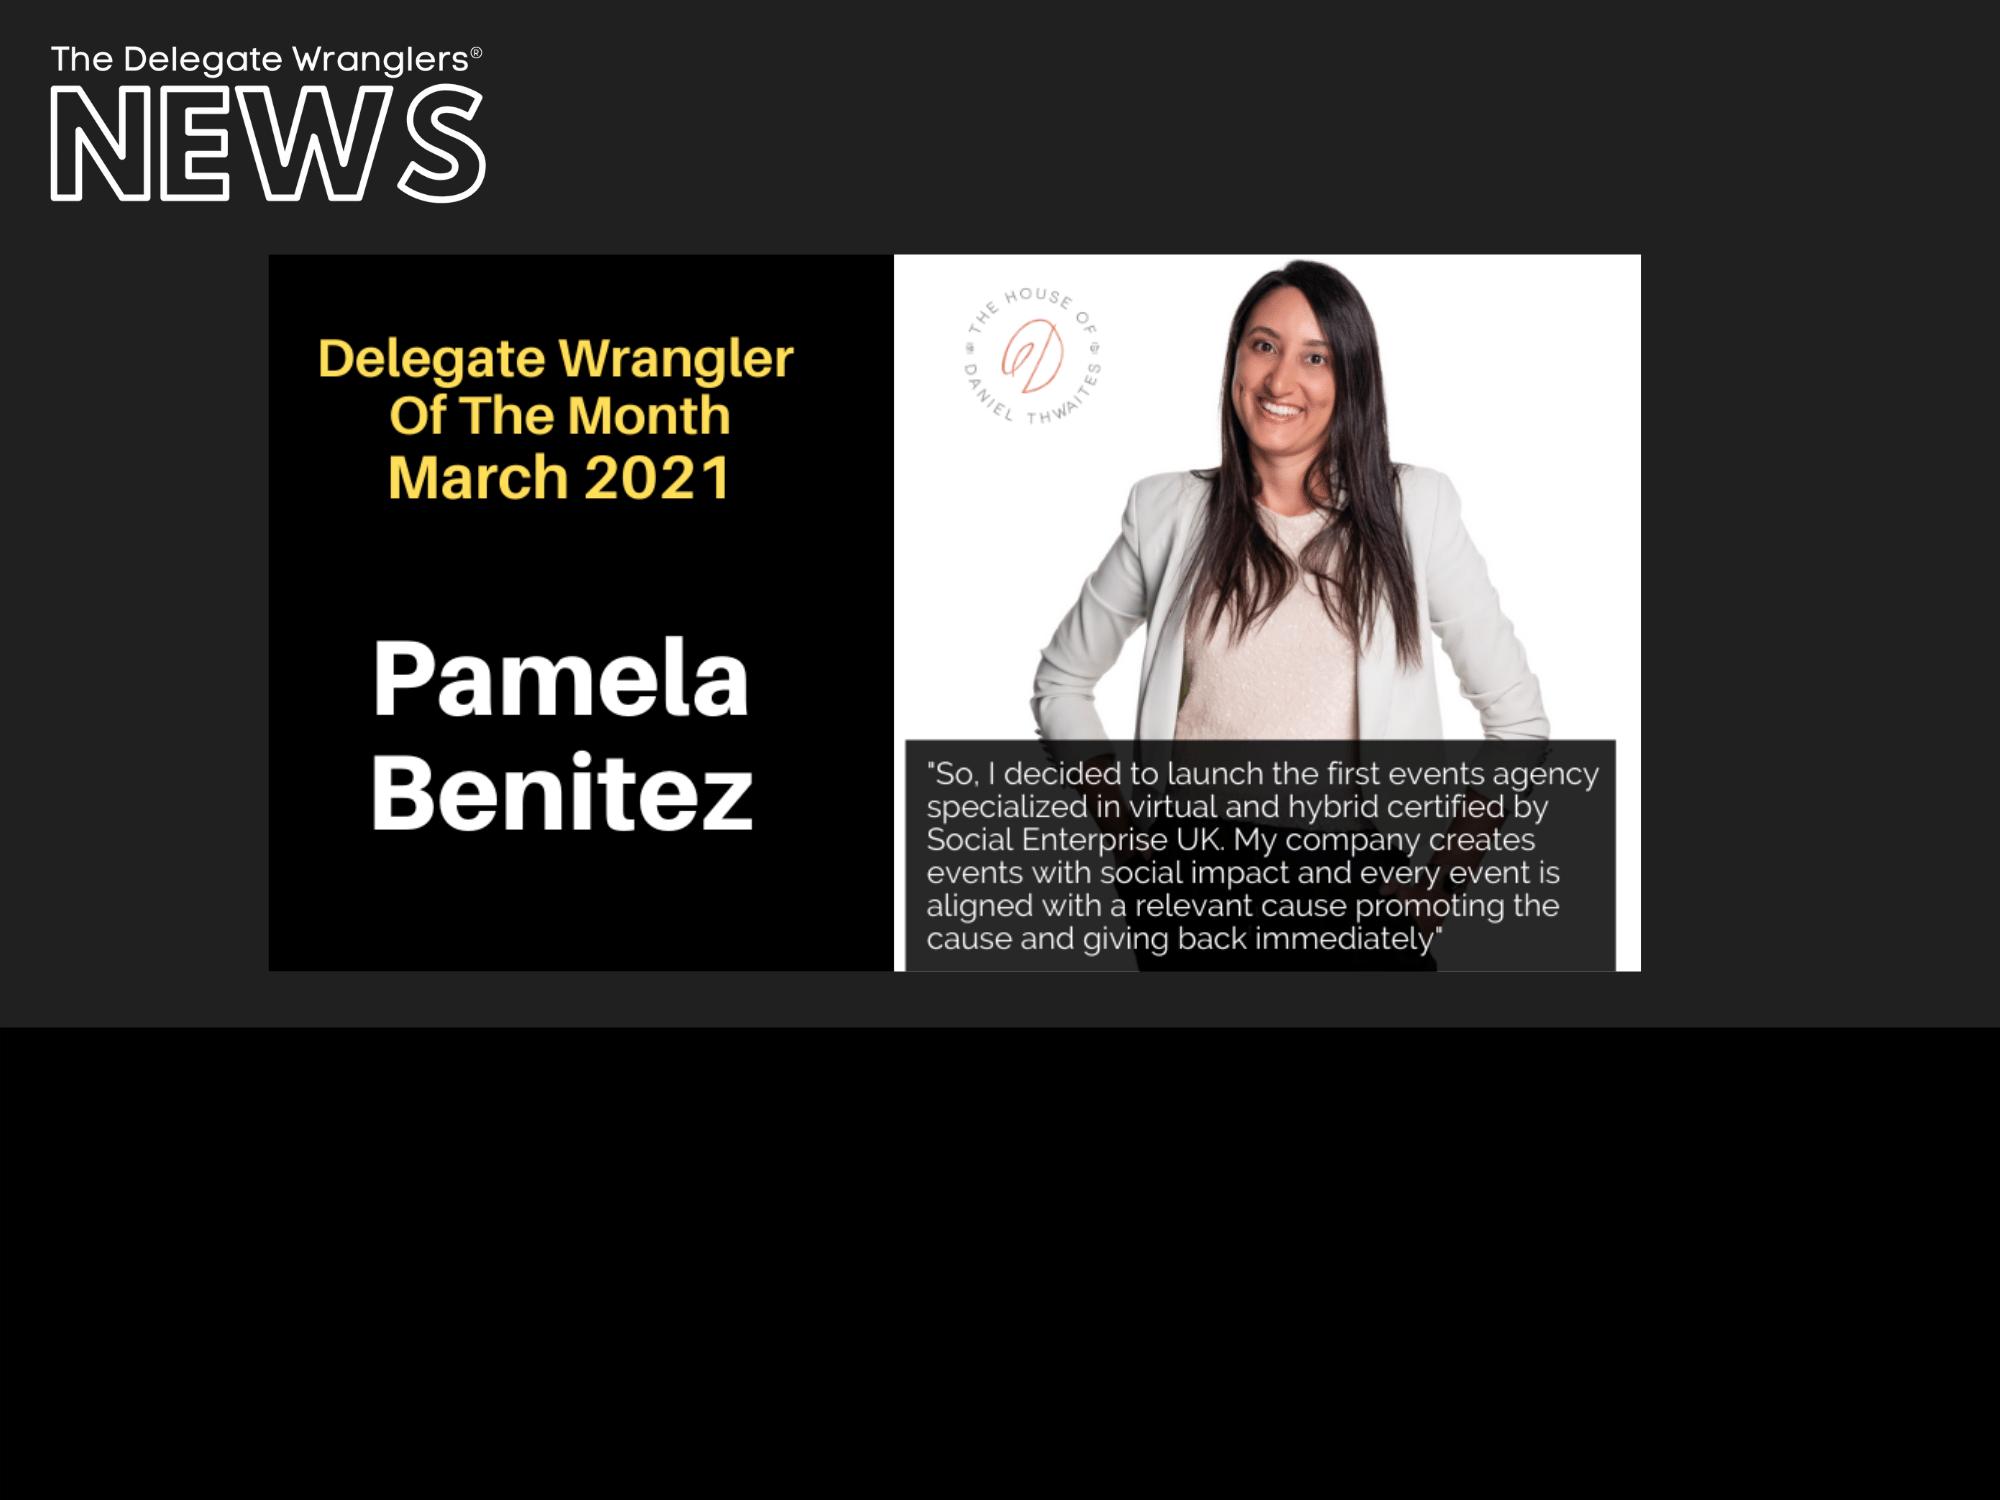 Delegate Wrangler Of The Month - Pamela Benitez